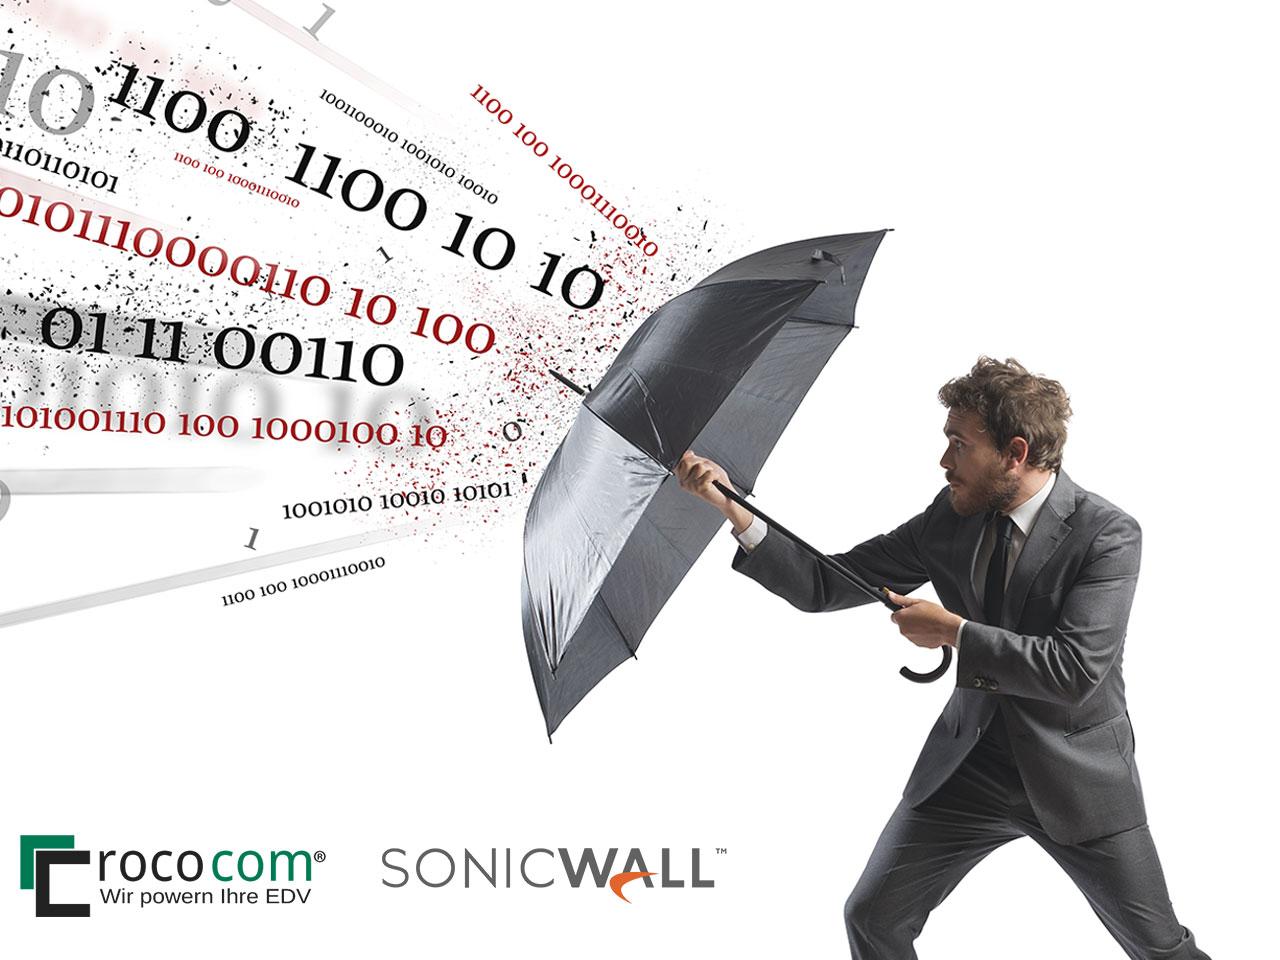 Echtzeit-Bedrohungsanalyse: SonicWall Capture Cloud-Plattform